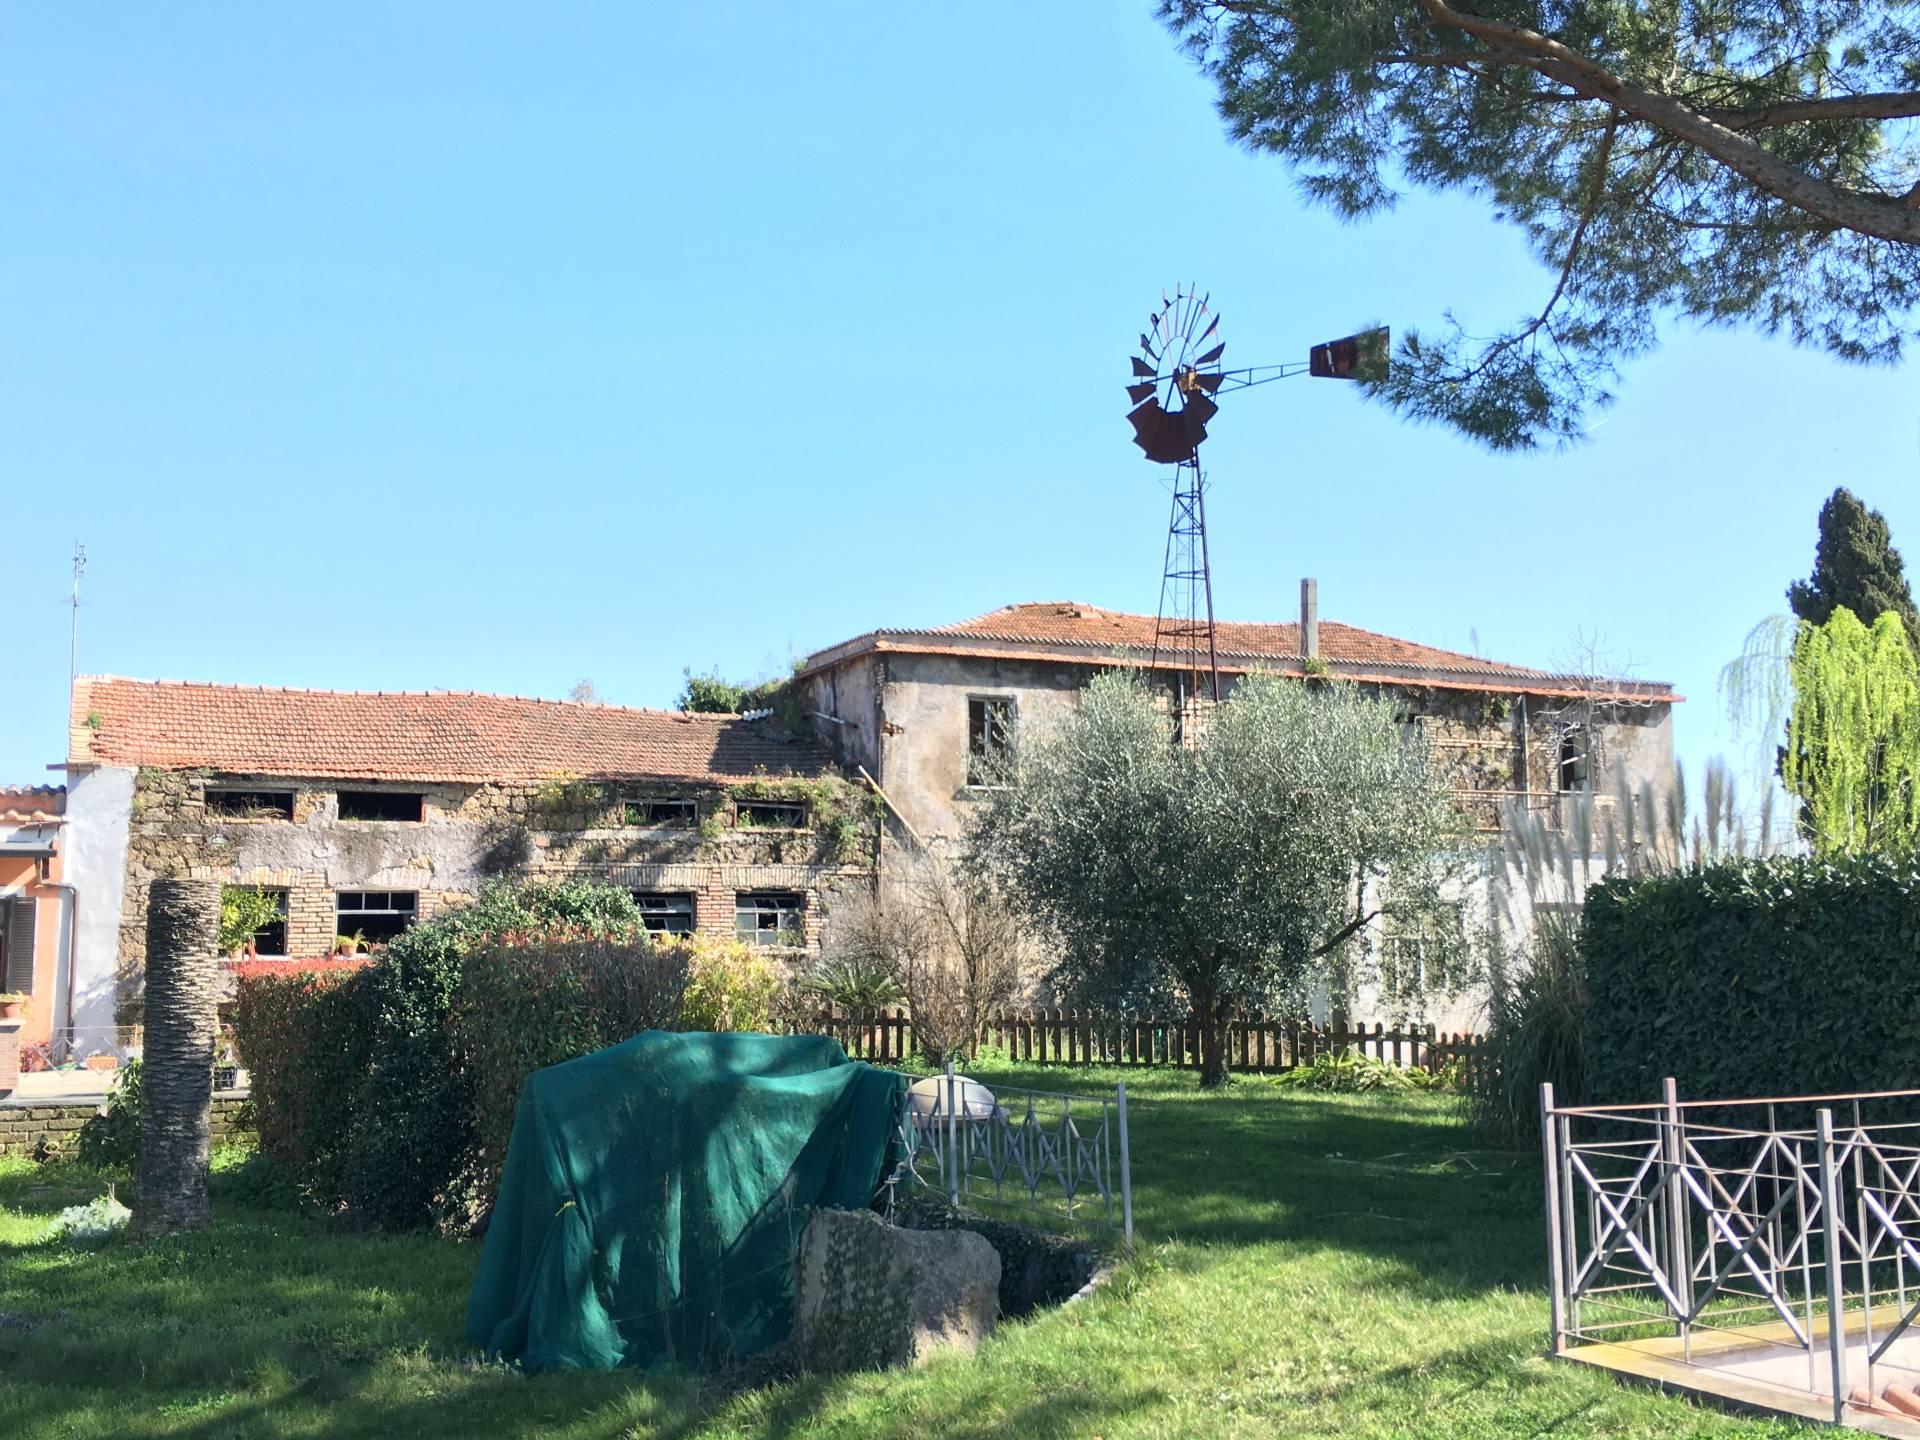 Rustico / Casale in vendita a Fonte Nuova, 15 locali, zona Località: TorLupara, prezzo € 265.000 | Cambio Casa.it